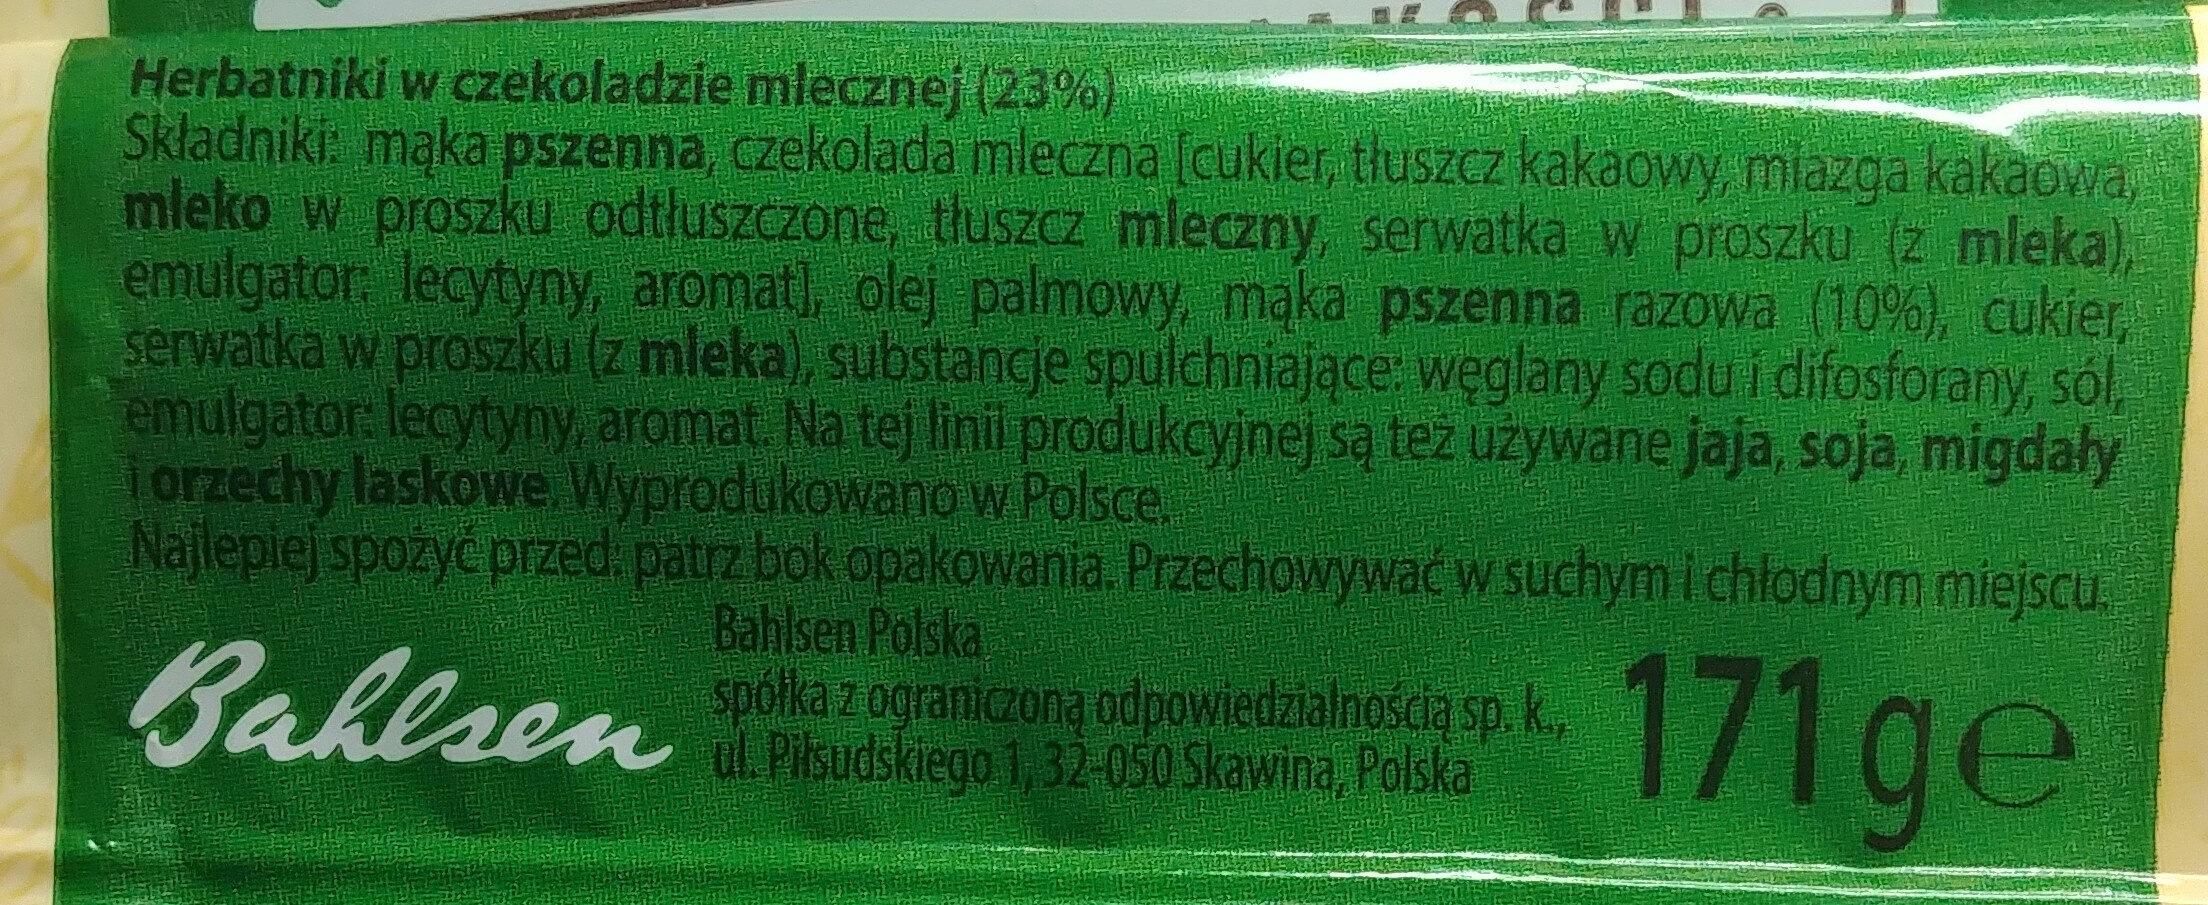 Herbatniki w czekoladzie mlecznej 23%. - Ingredients - pl